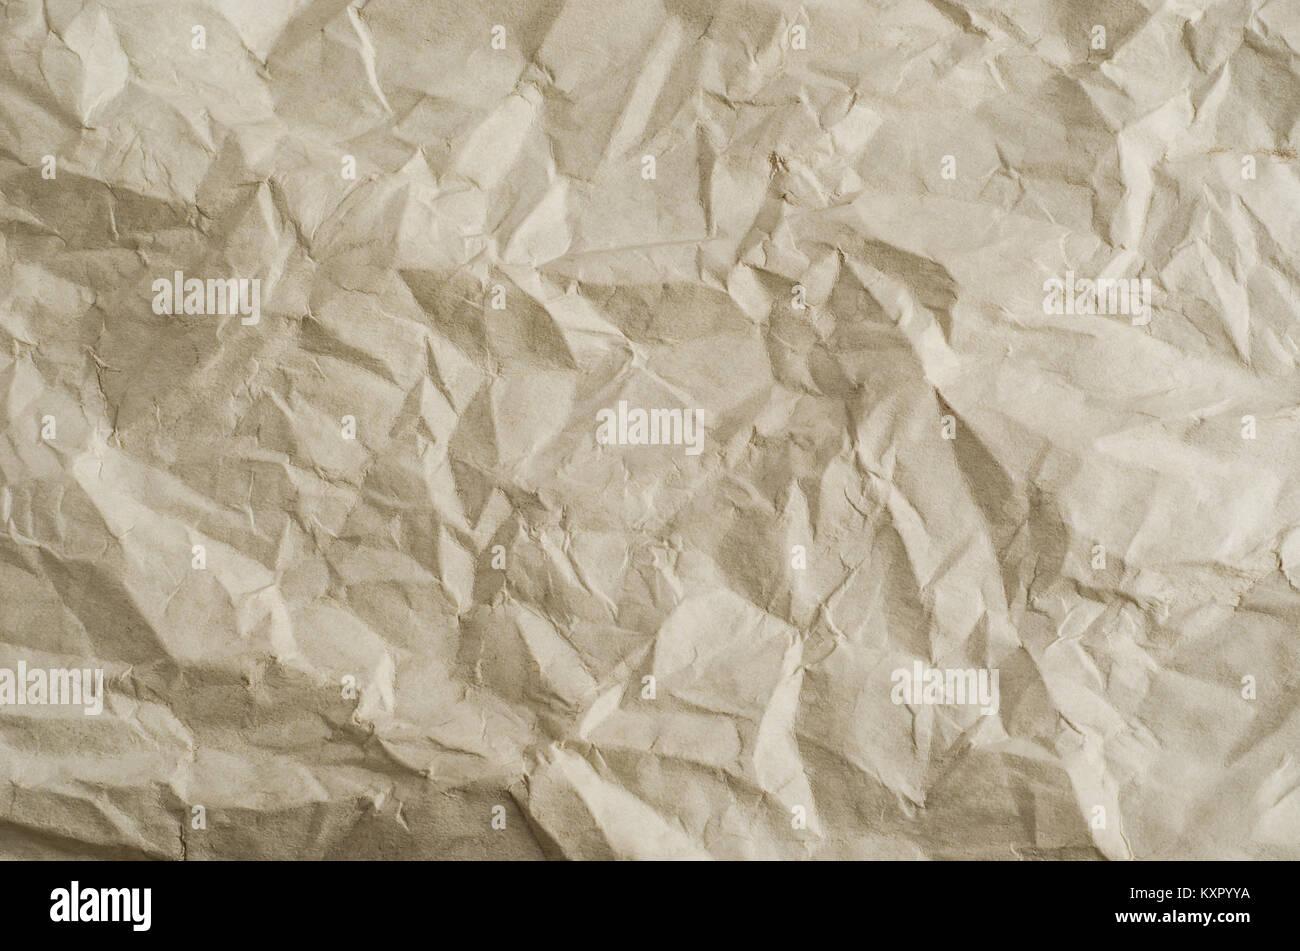 Papier froissé, plié et déplié paper texture de fond dans une teinte parchemin neutre. Photo Stock